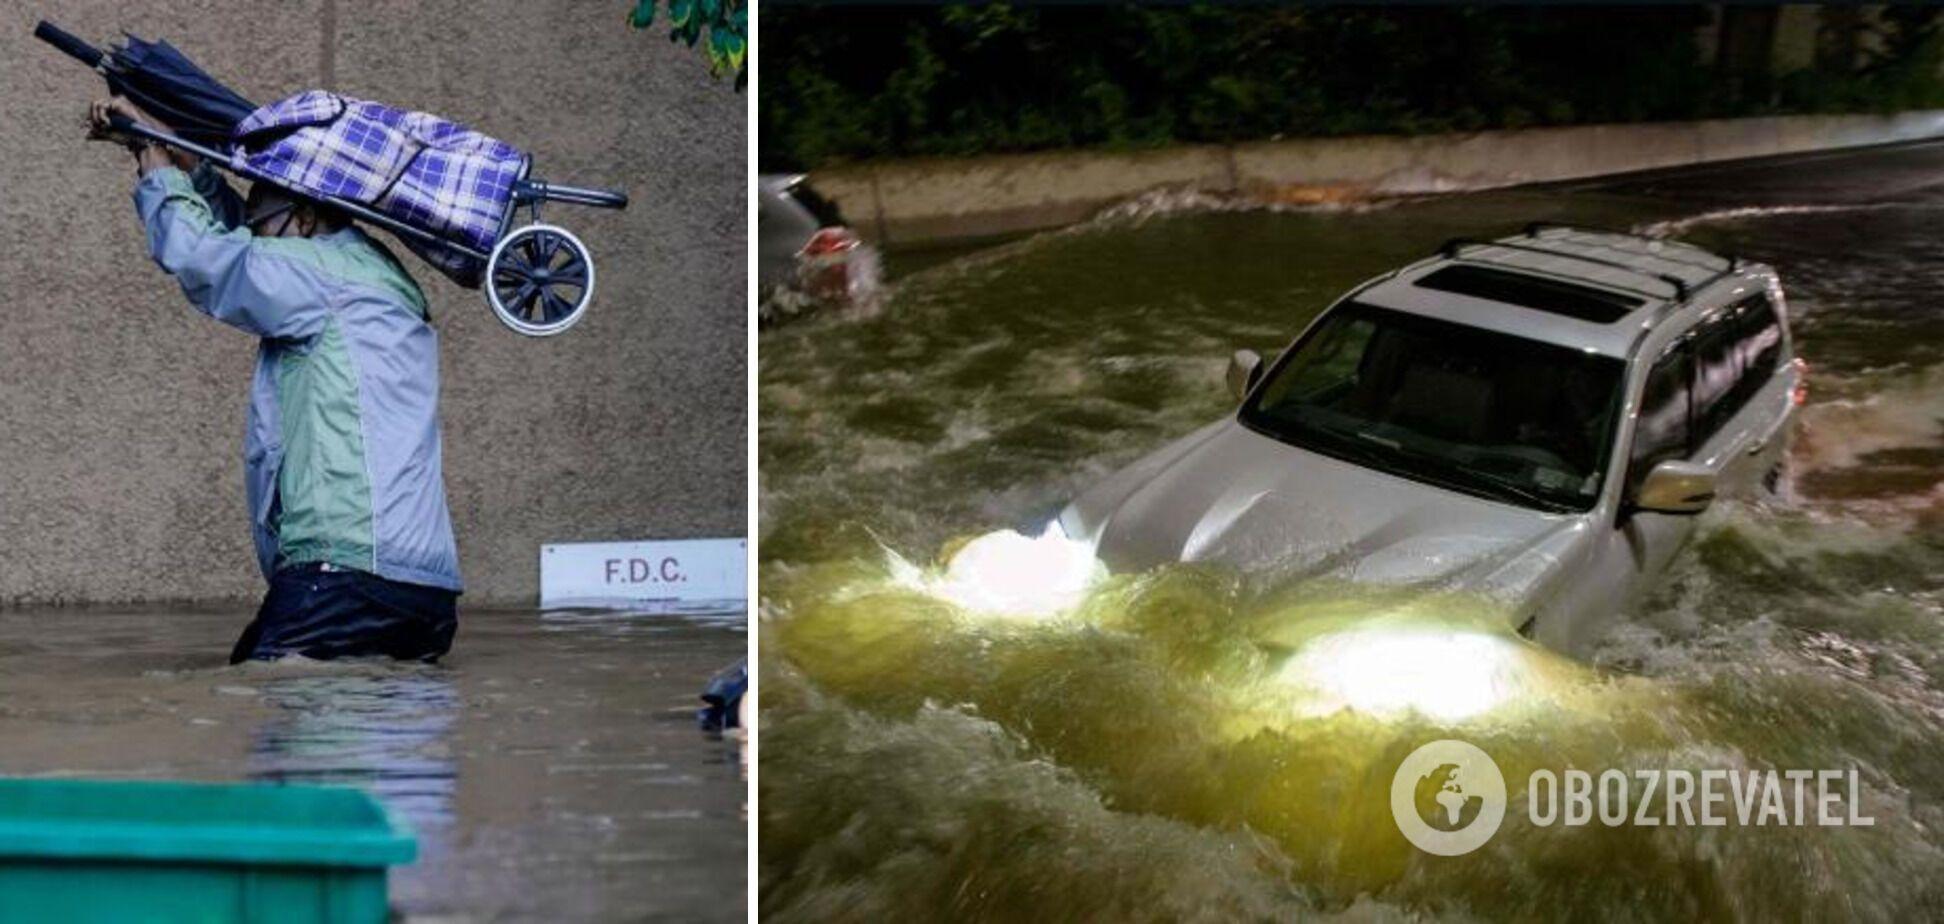 Люди погибли в захваченных водой авто